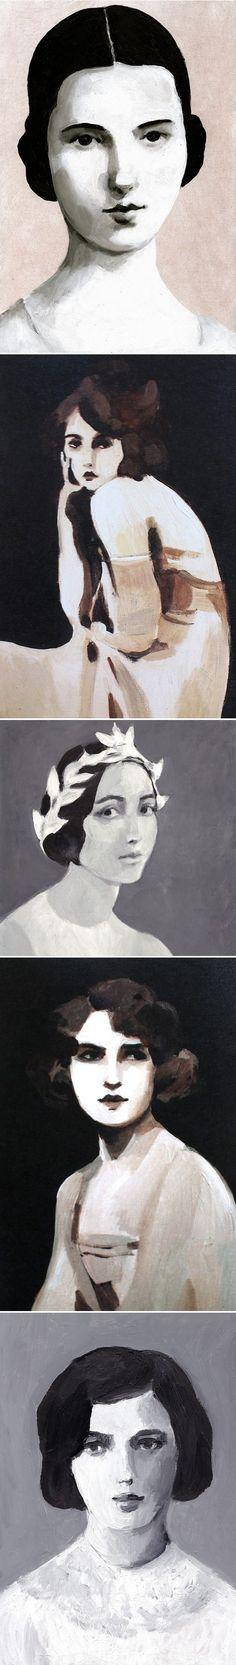 Paintings by Tali Yalonetzki